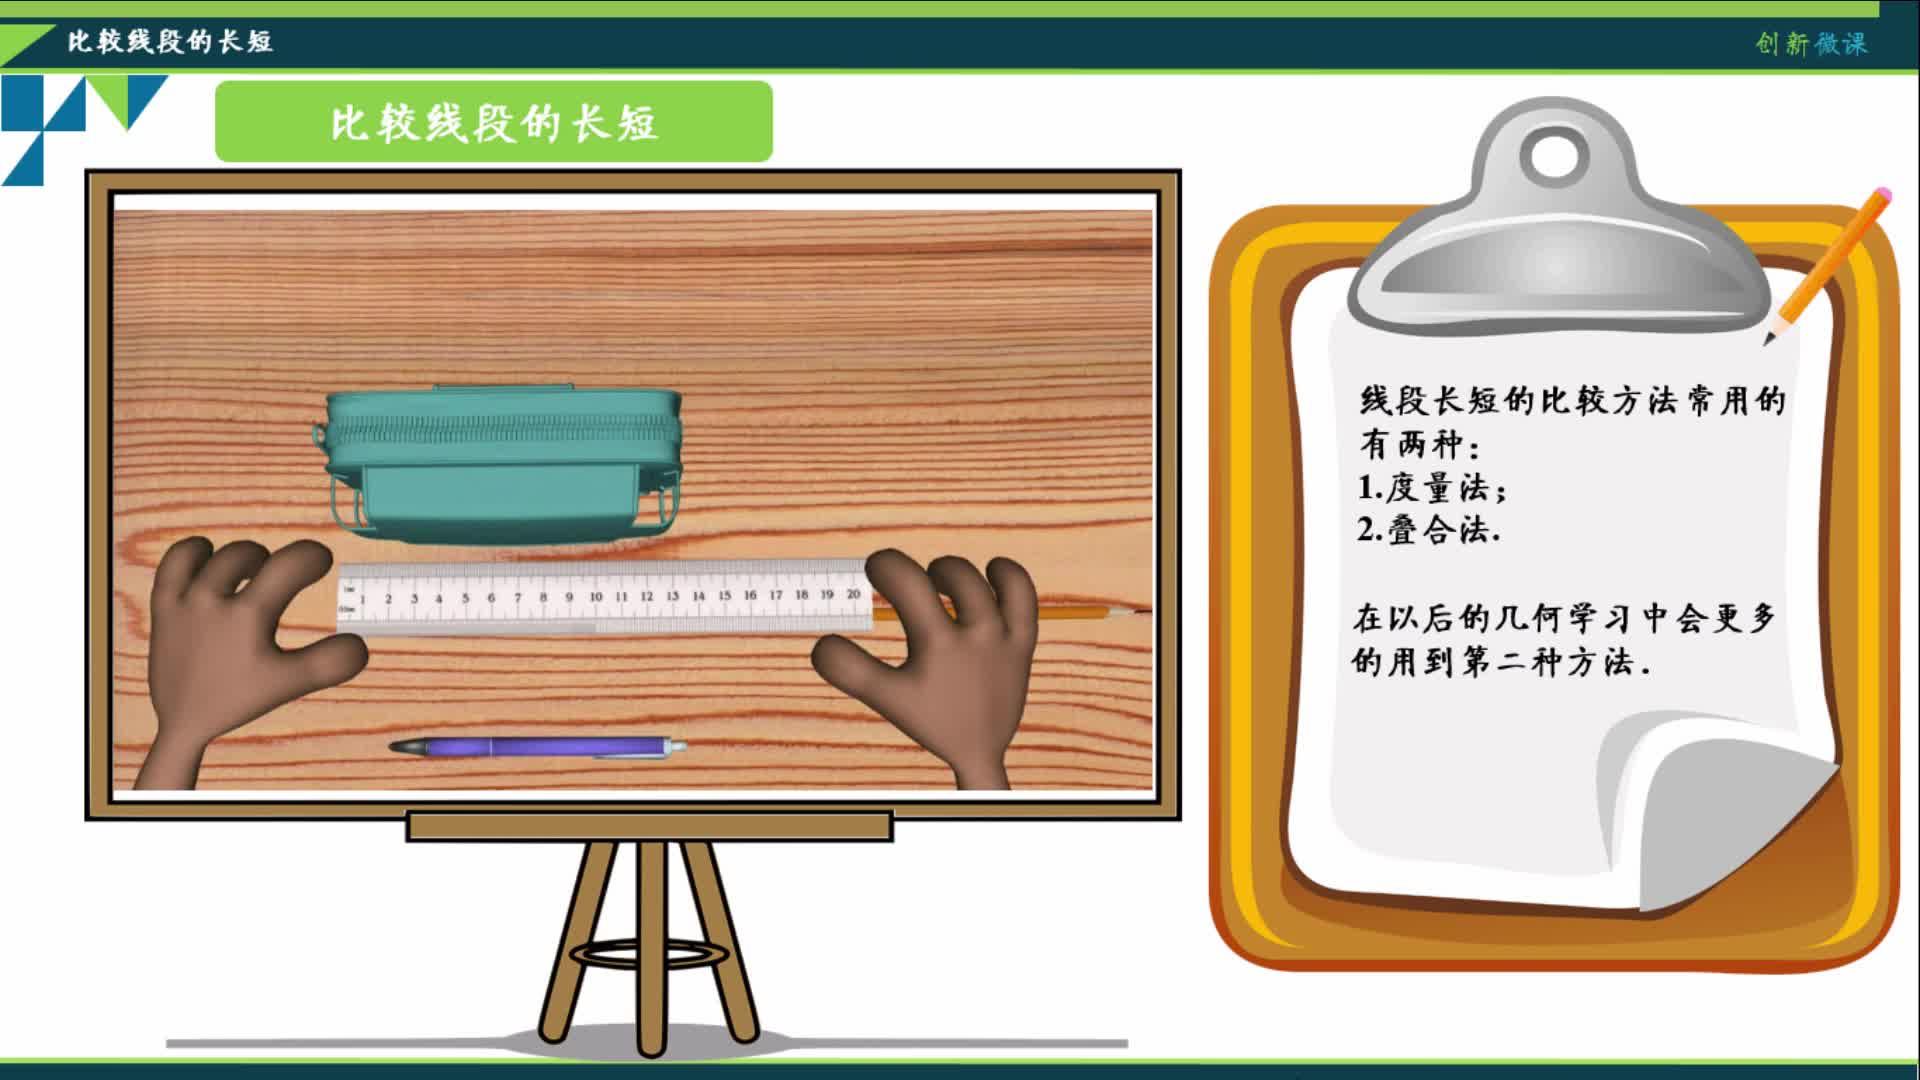 鲁教版 六年级数学下册 5.2.1比较线段的长短-微课堂视频